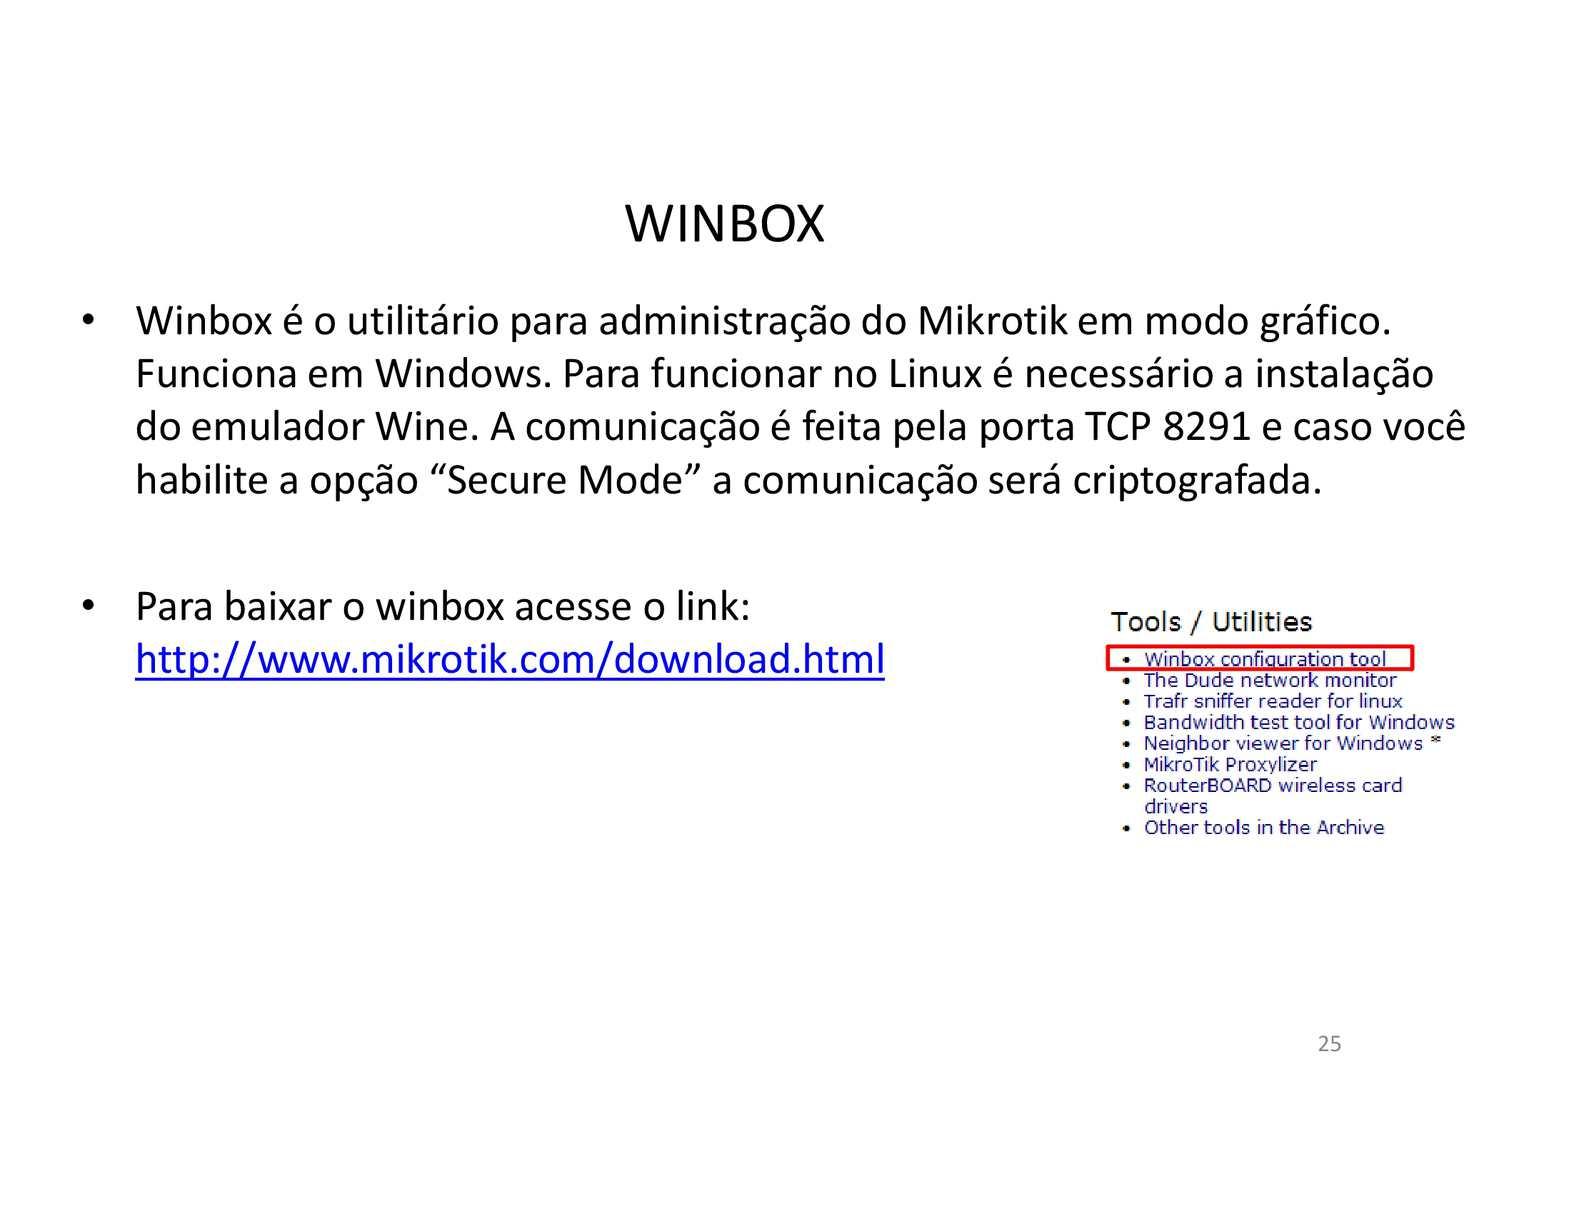 Treinamento Mikrotik Mtcna - CALAMEO Downloader